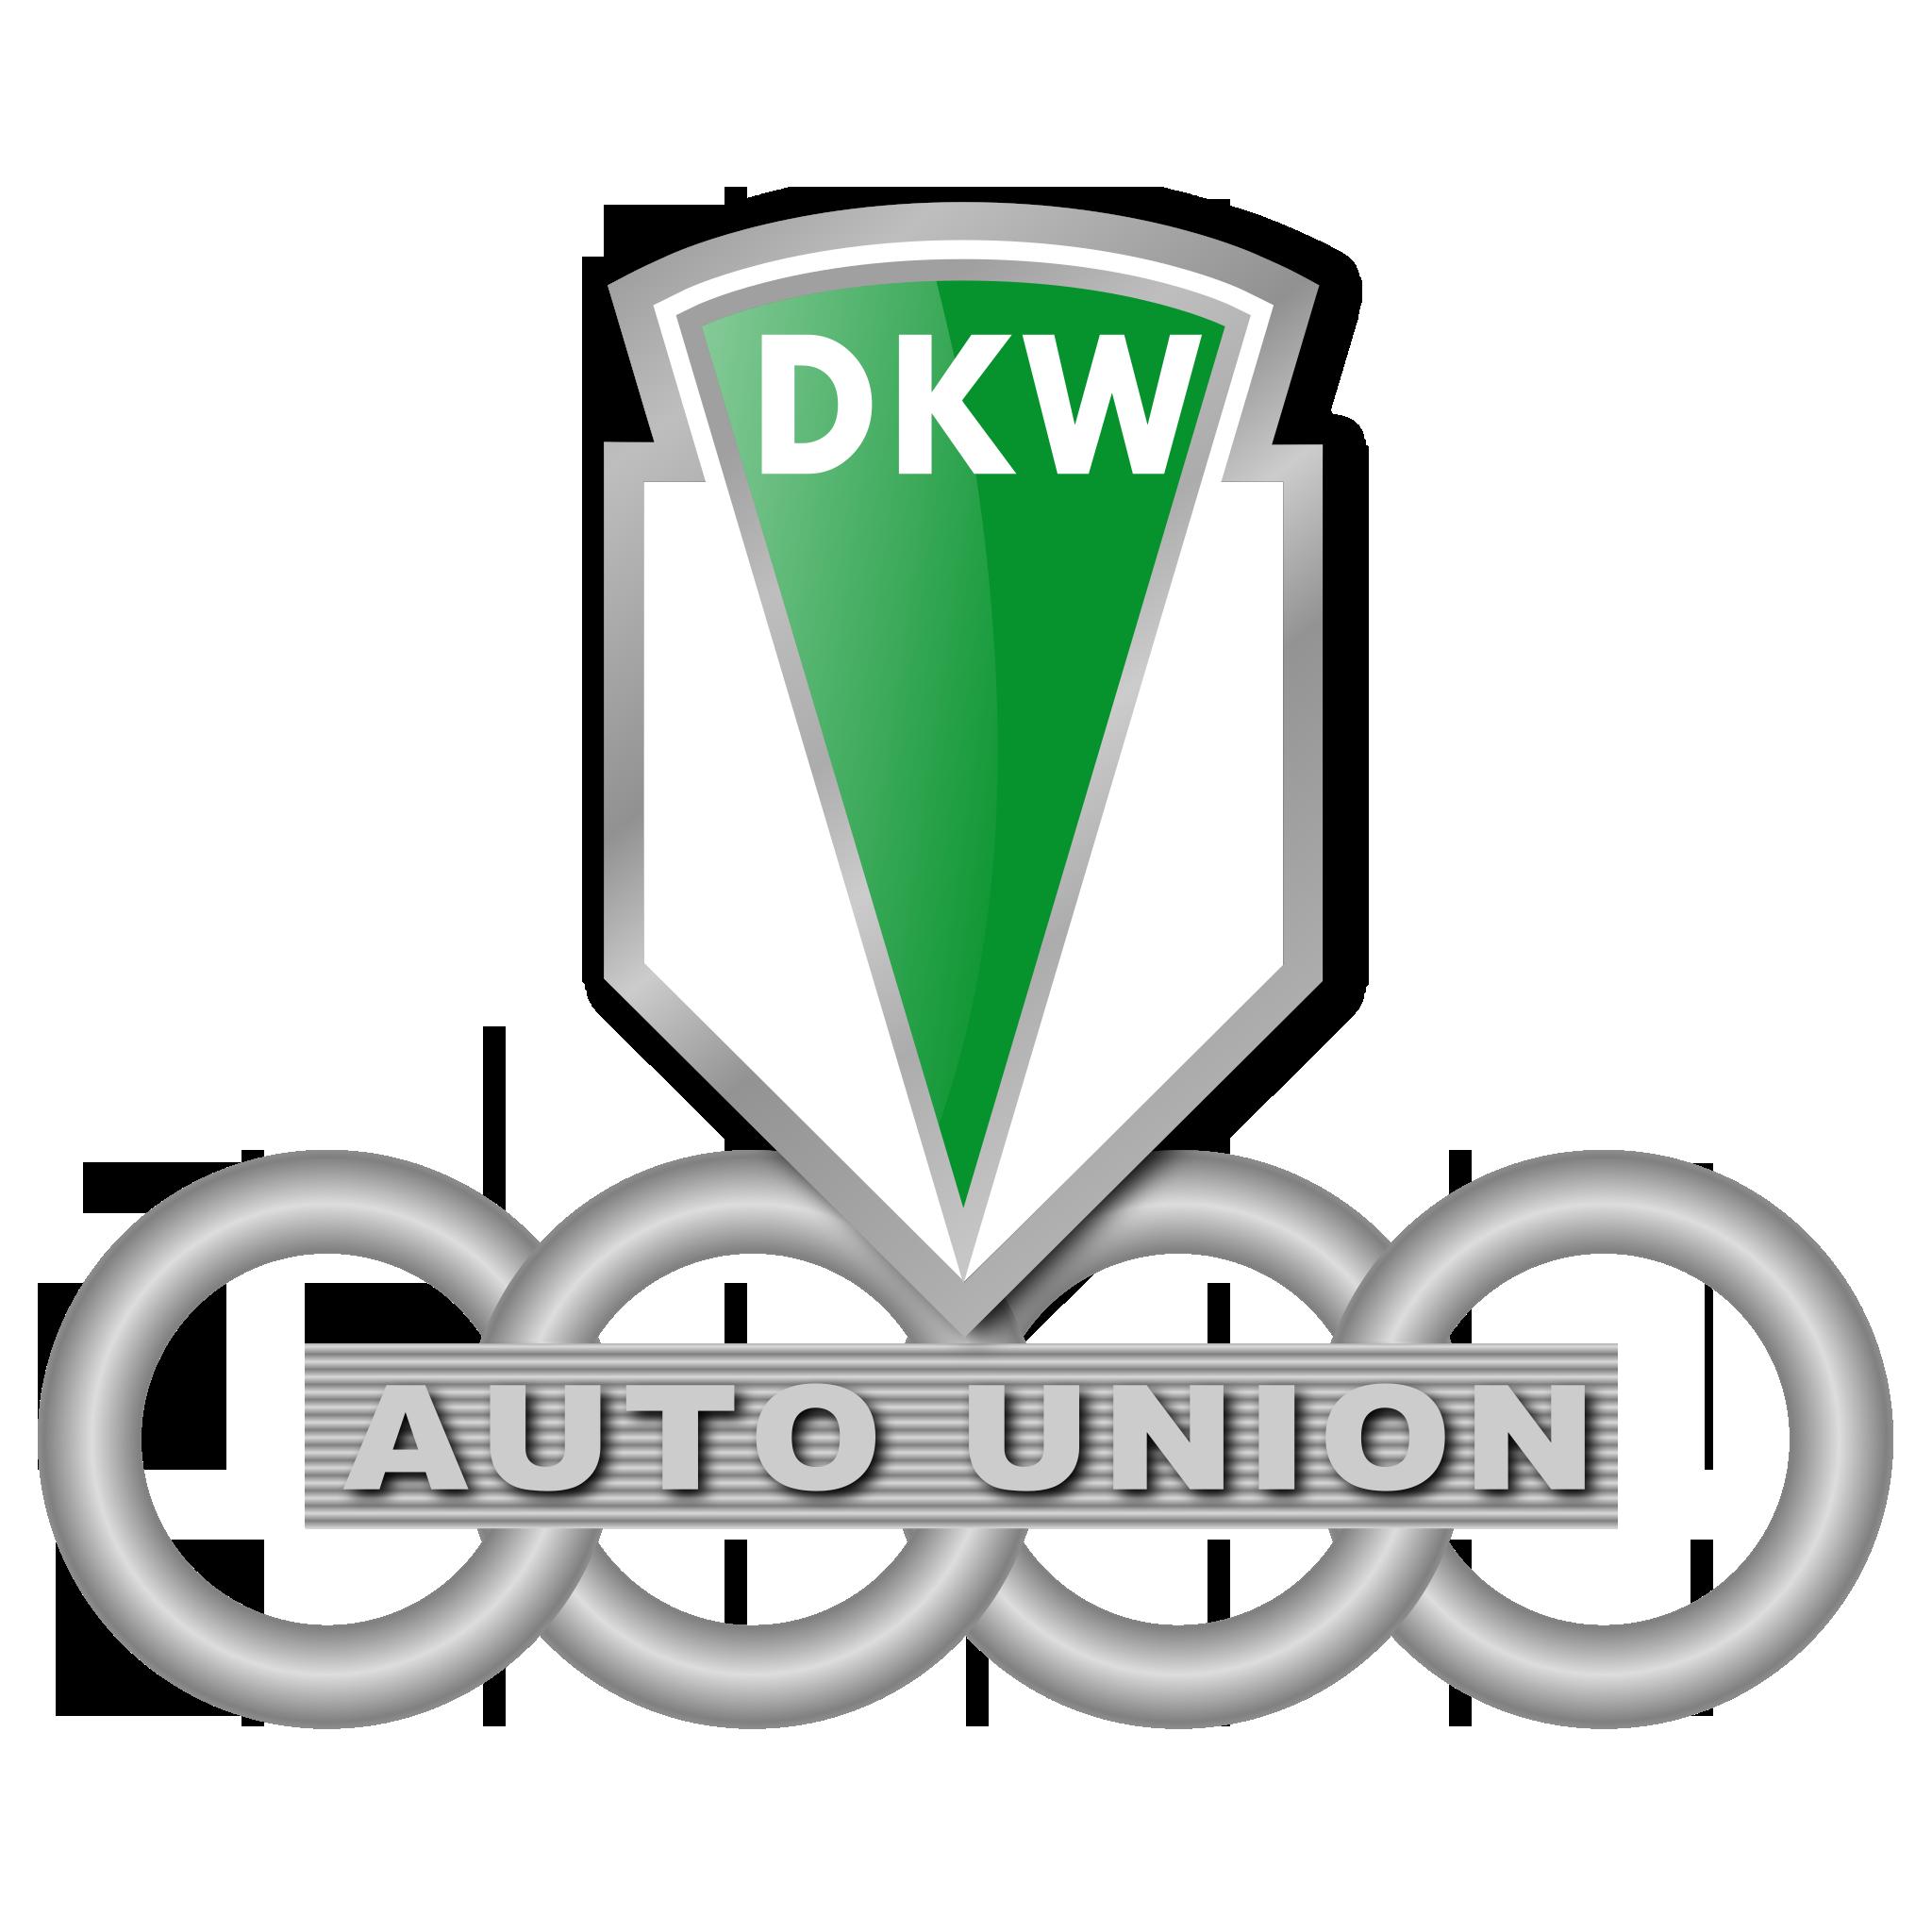 DKW-Auto-Union-logo-2048x2048.png